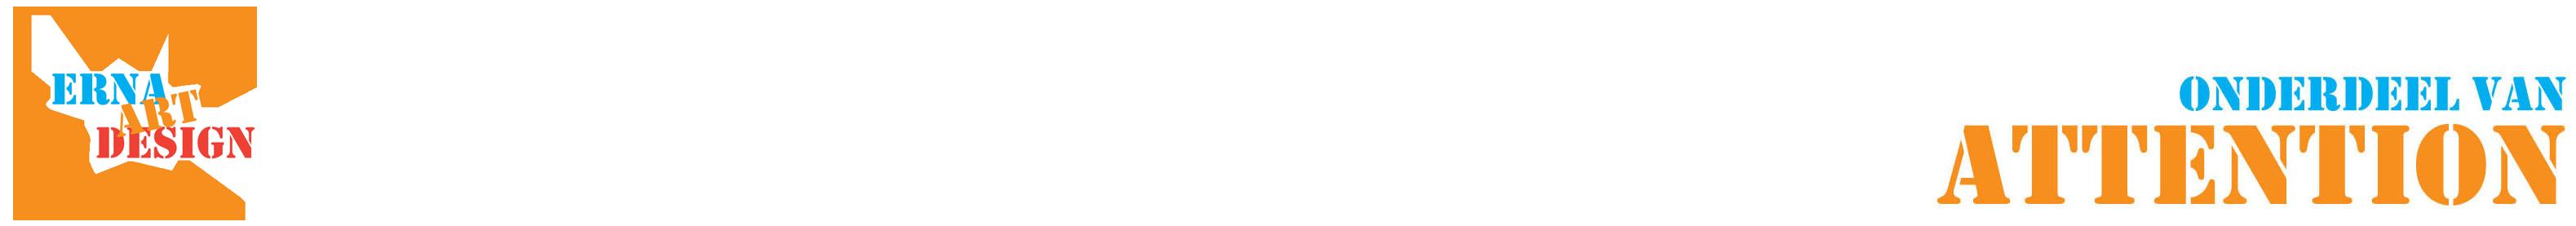 ErnaArtDesign-AttentionDEF